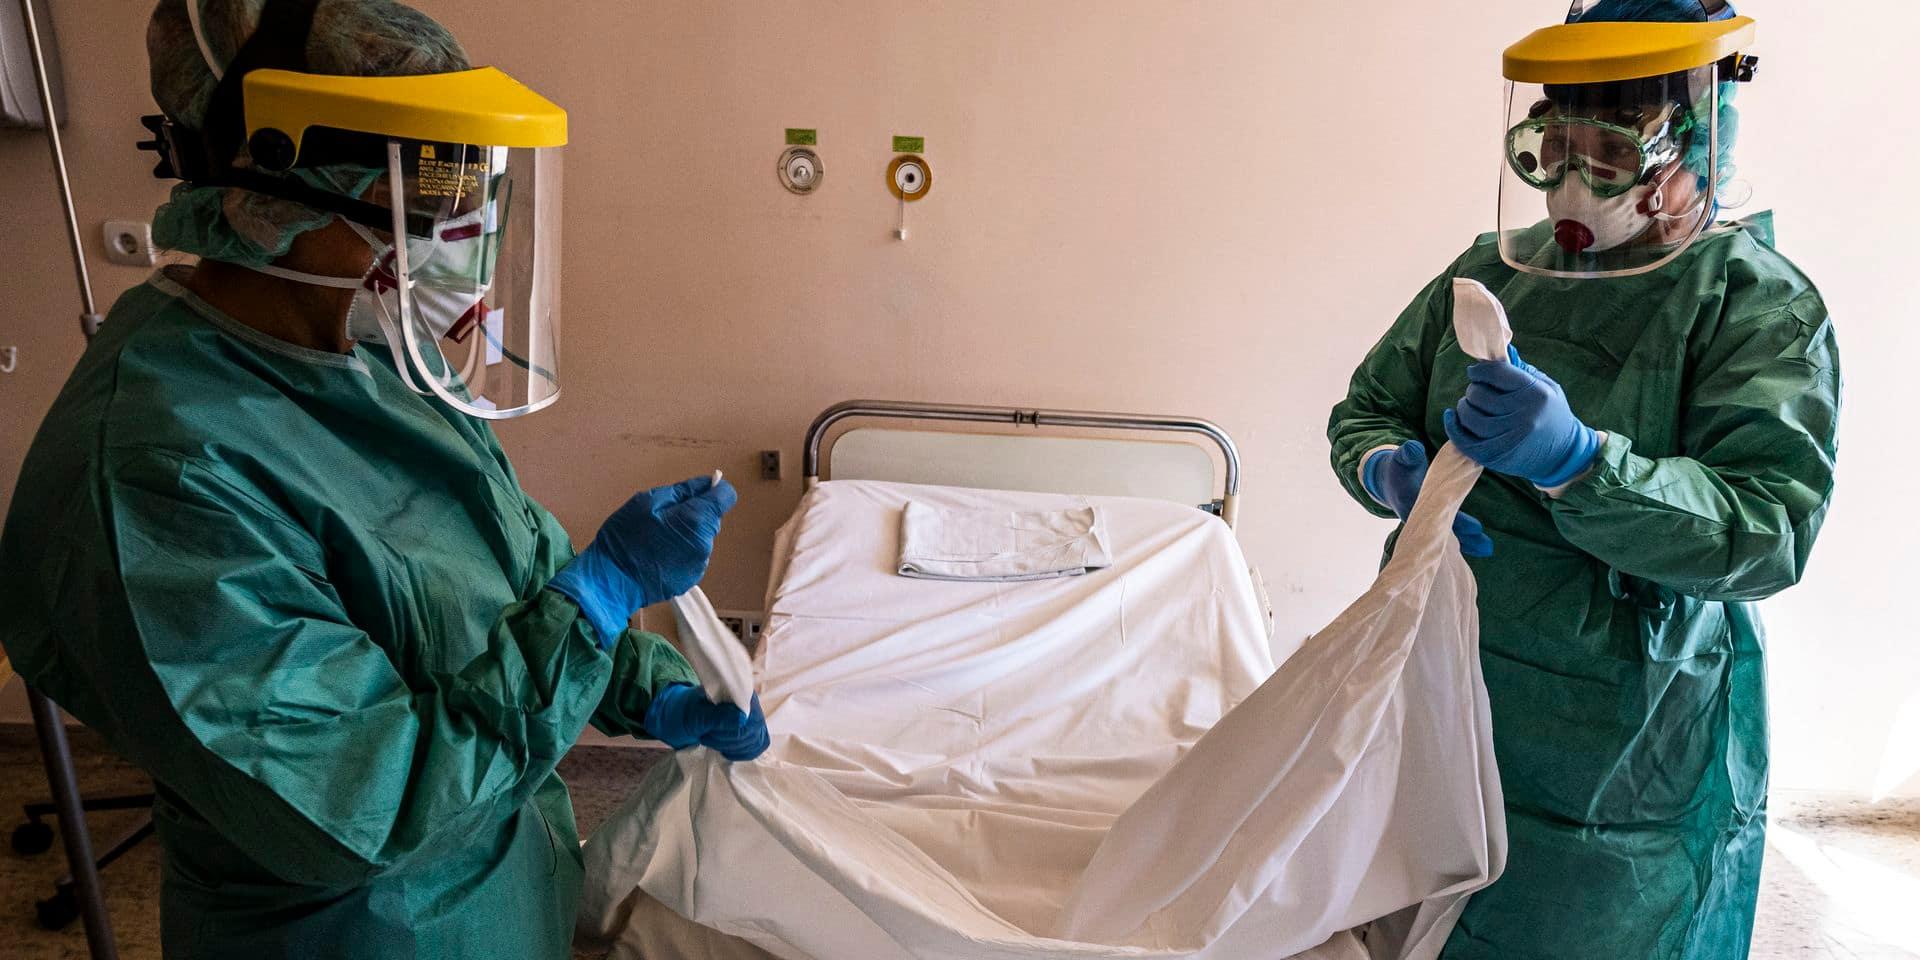 En Hongrie, le gouvernement Orban vide les hôpitaux manu militari